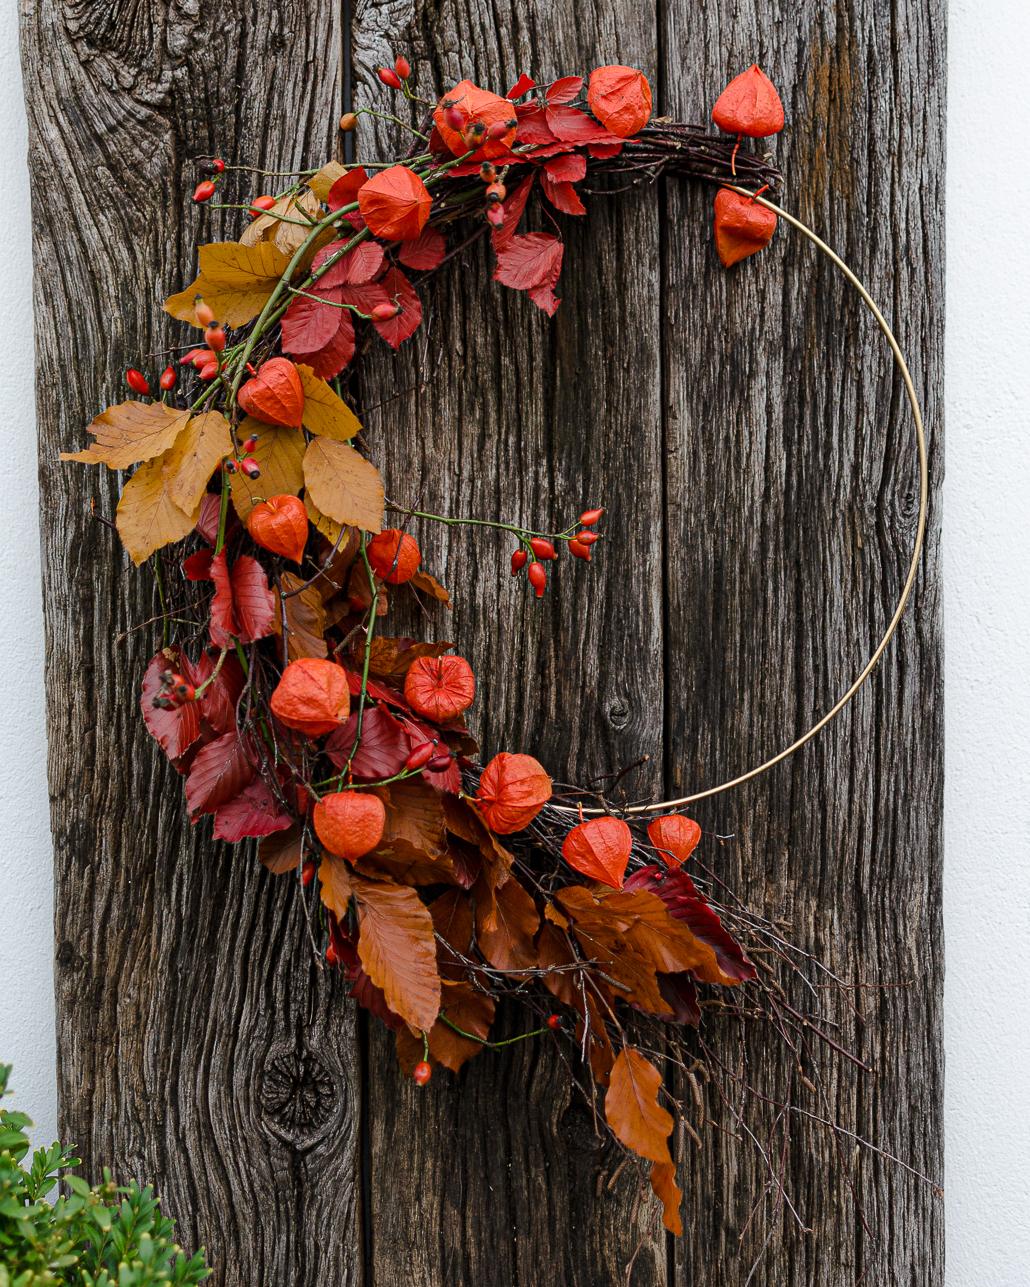 Herbstdeko in leuchtenden Farben mit Kranz & Kürbis   Seaside Cottage